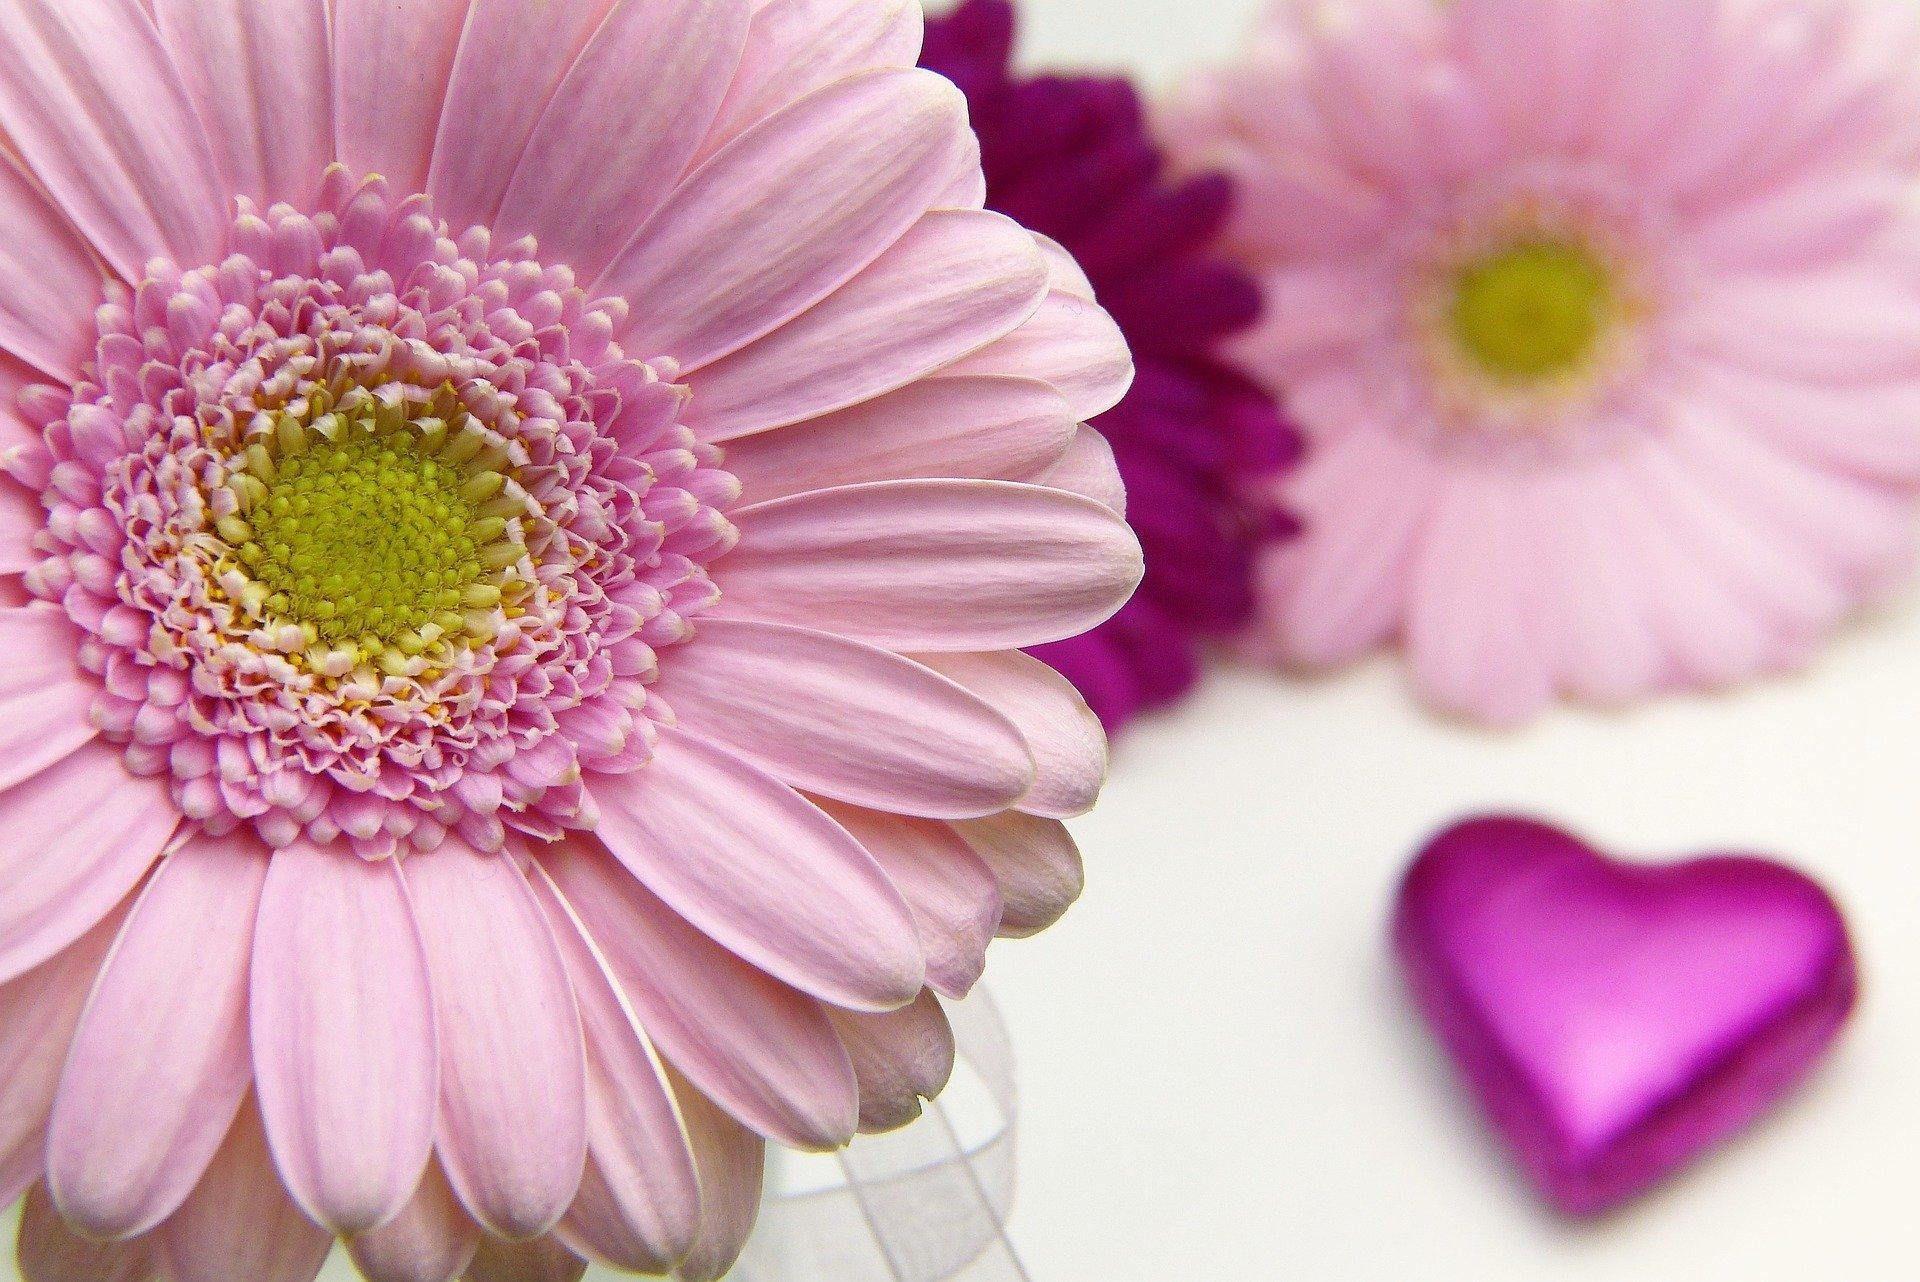 http://www.althea-fleurs.com/wp-content/uploads/2020/01/flower-3086546_1920-1.jpg